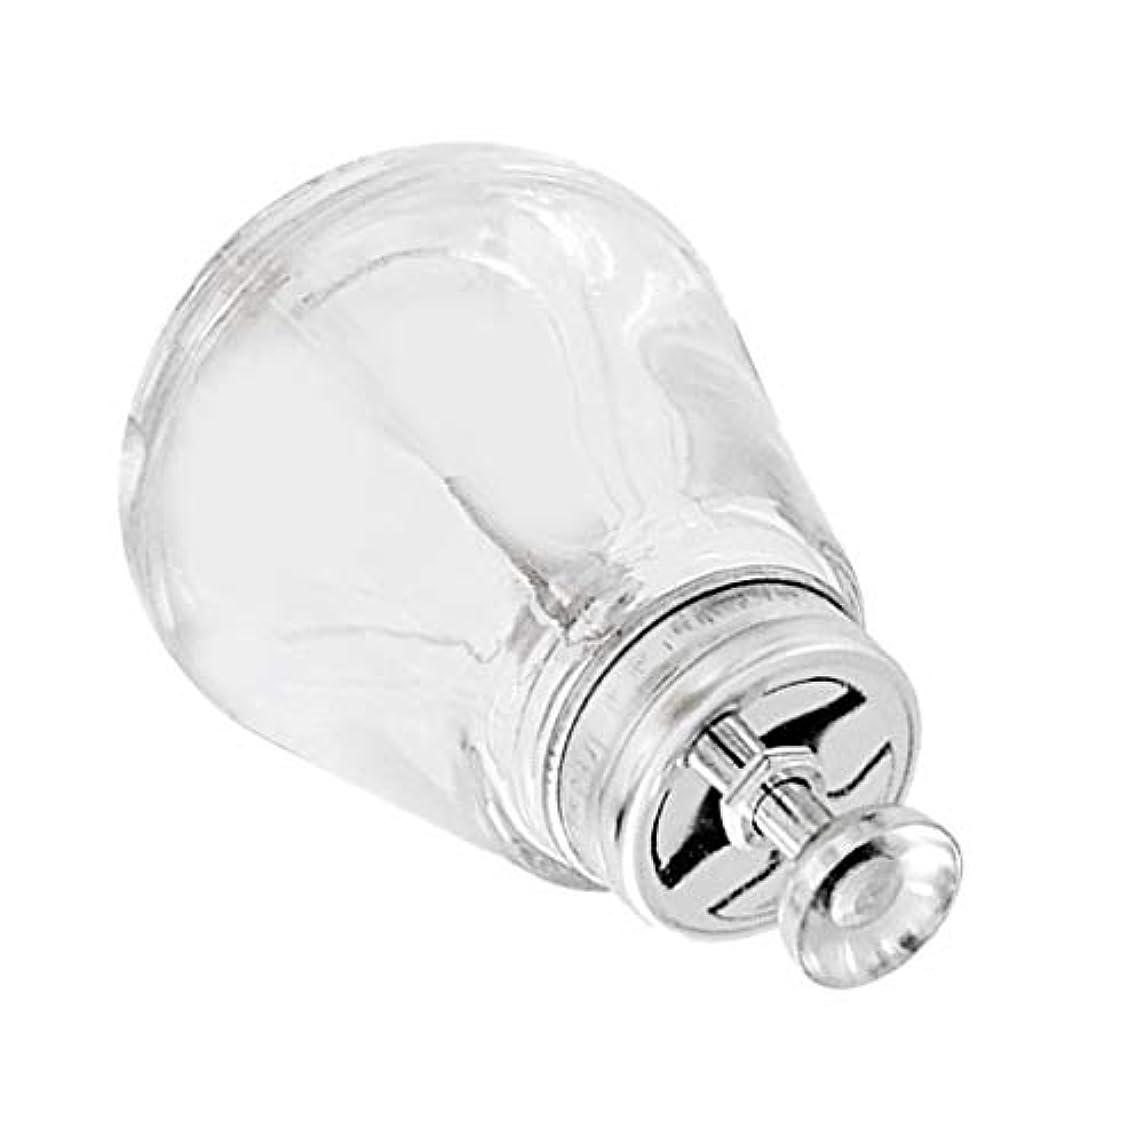 相互夜明けに王朝DYNWAVE アルコールポンプボトル ネイルアートツールボトル ネイルケア用品 マニキュアリムーツール